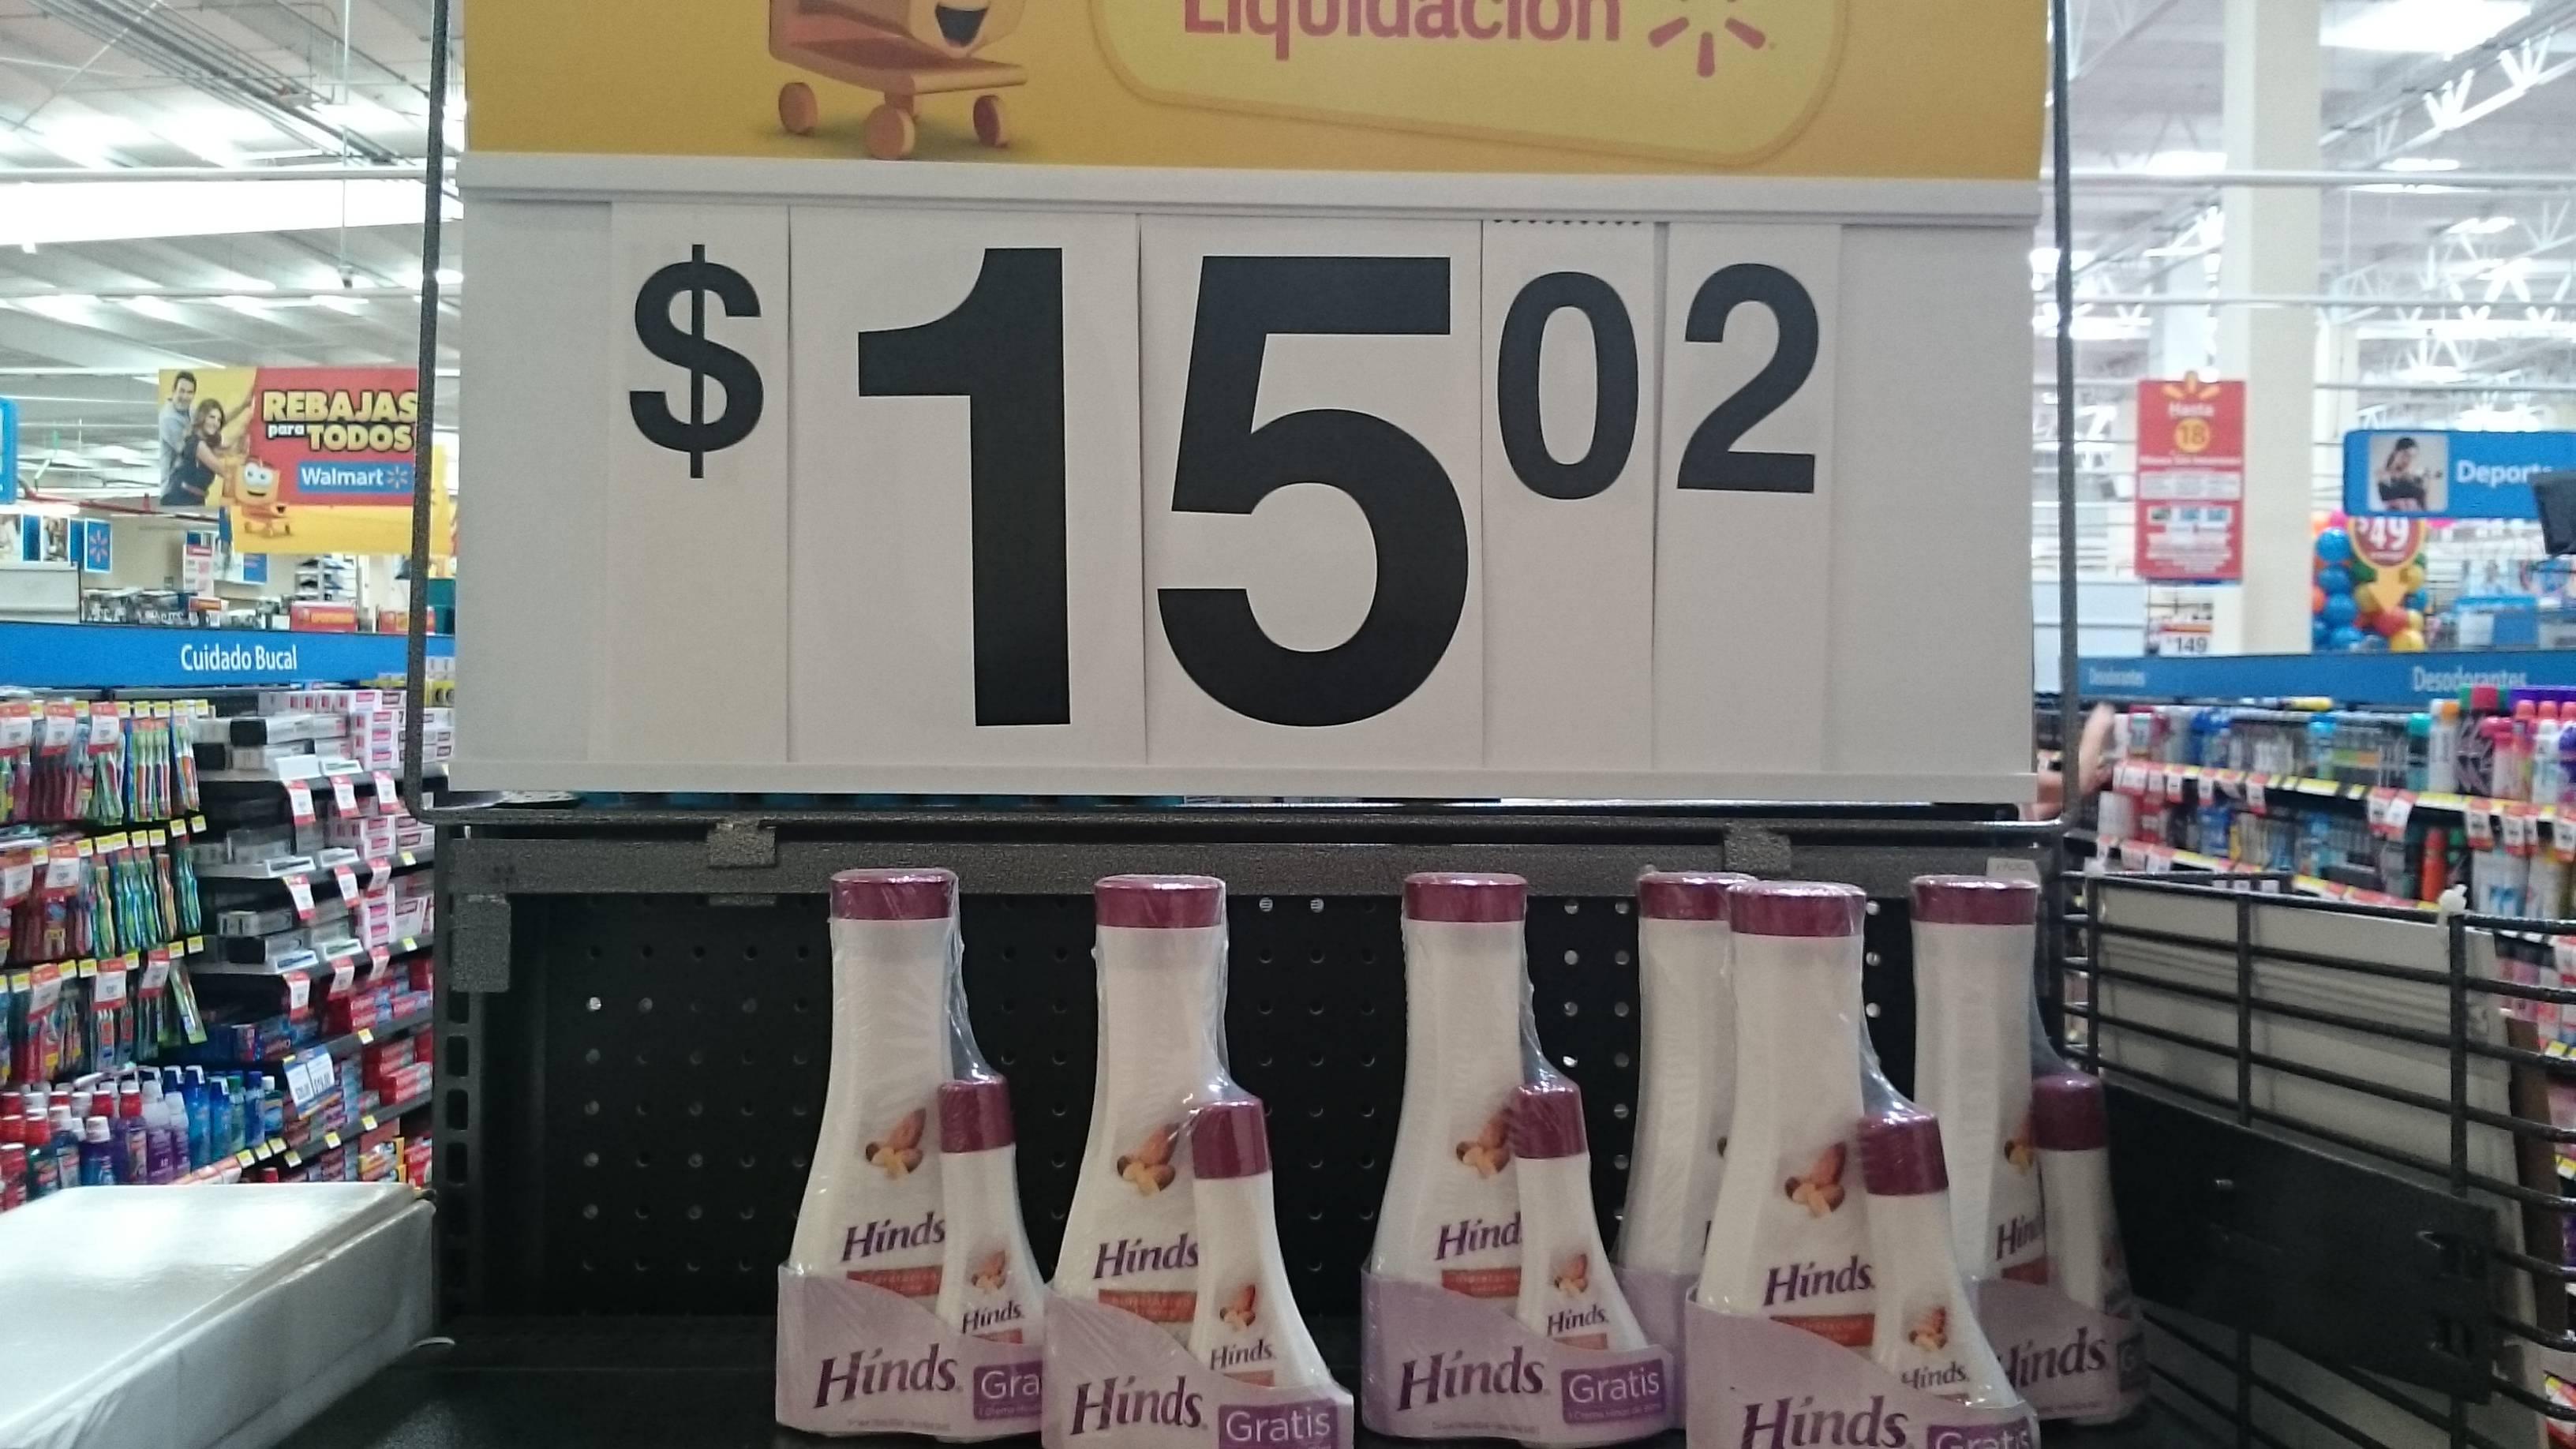 Walmart: Crema Hinds de almendras $15.02